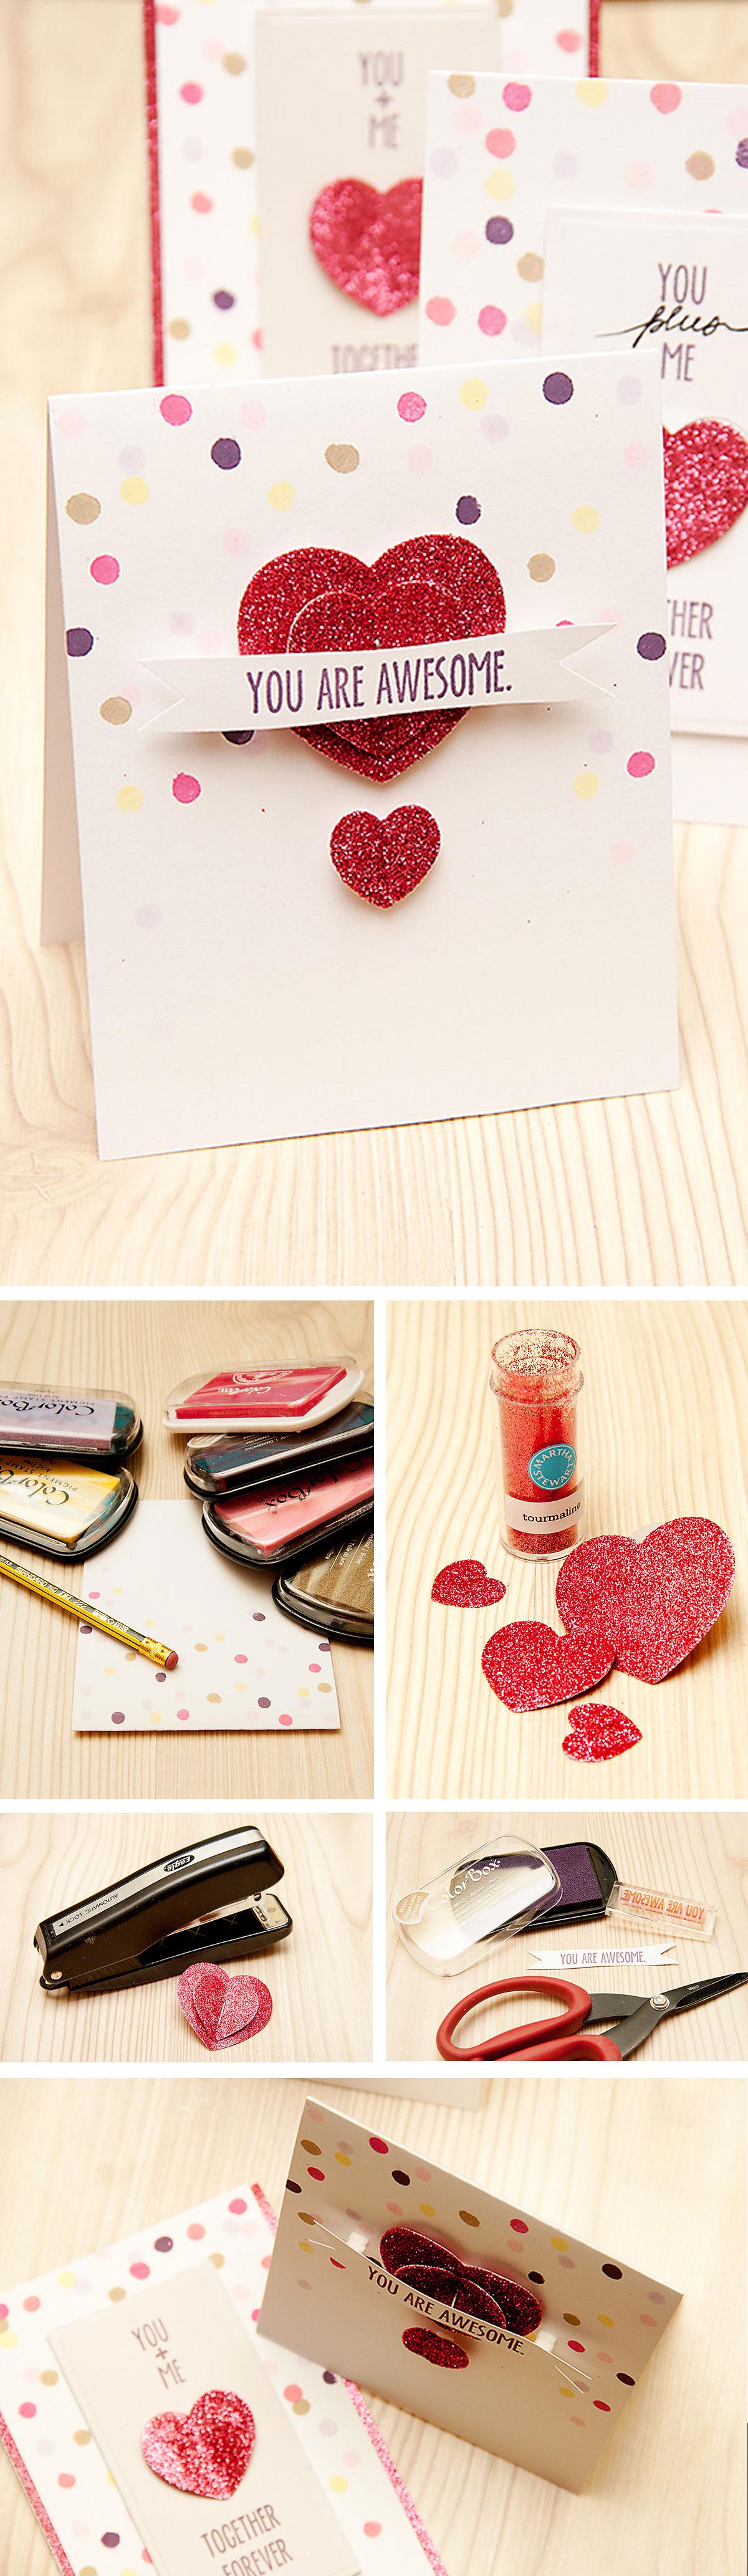 Як зробити валентинку із підручних матеріалів